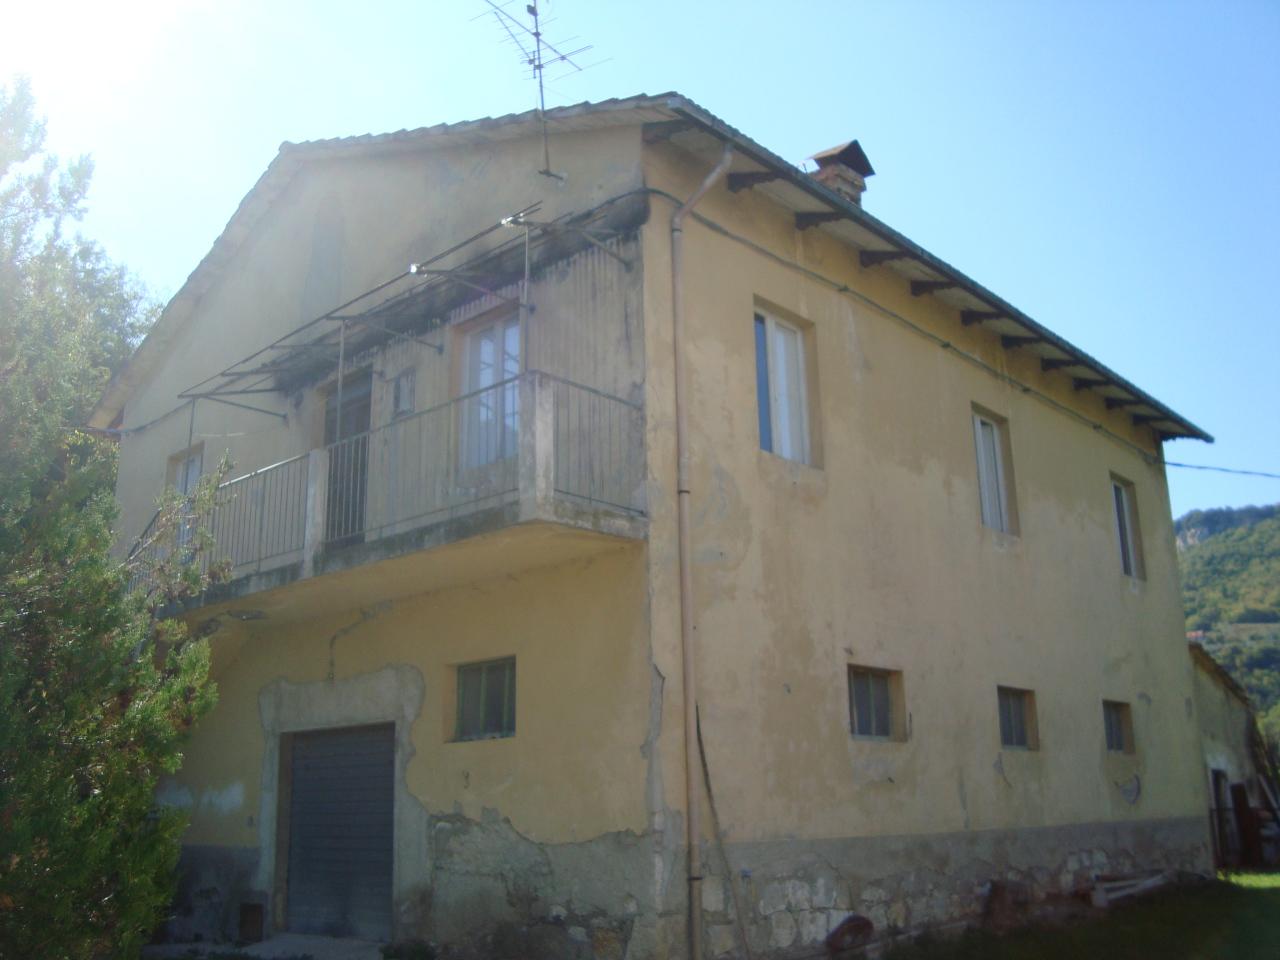 Soluzione Indipendente in vendita a Ascoli Piceno, 9999 locali, zona Località: P.taCartara, Trattative riservate | Cambio Casa.it